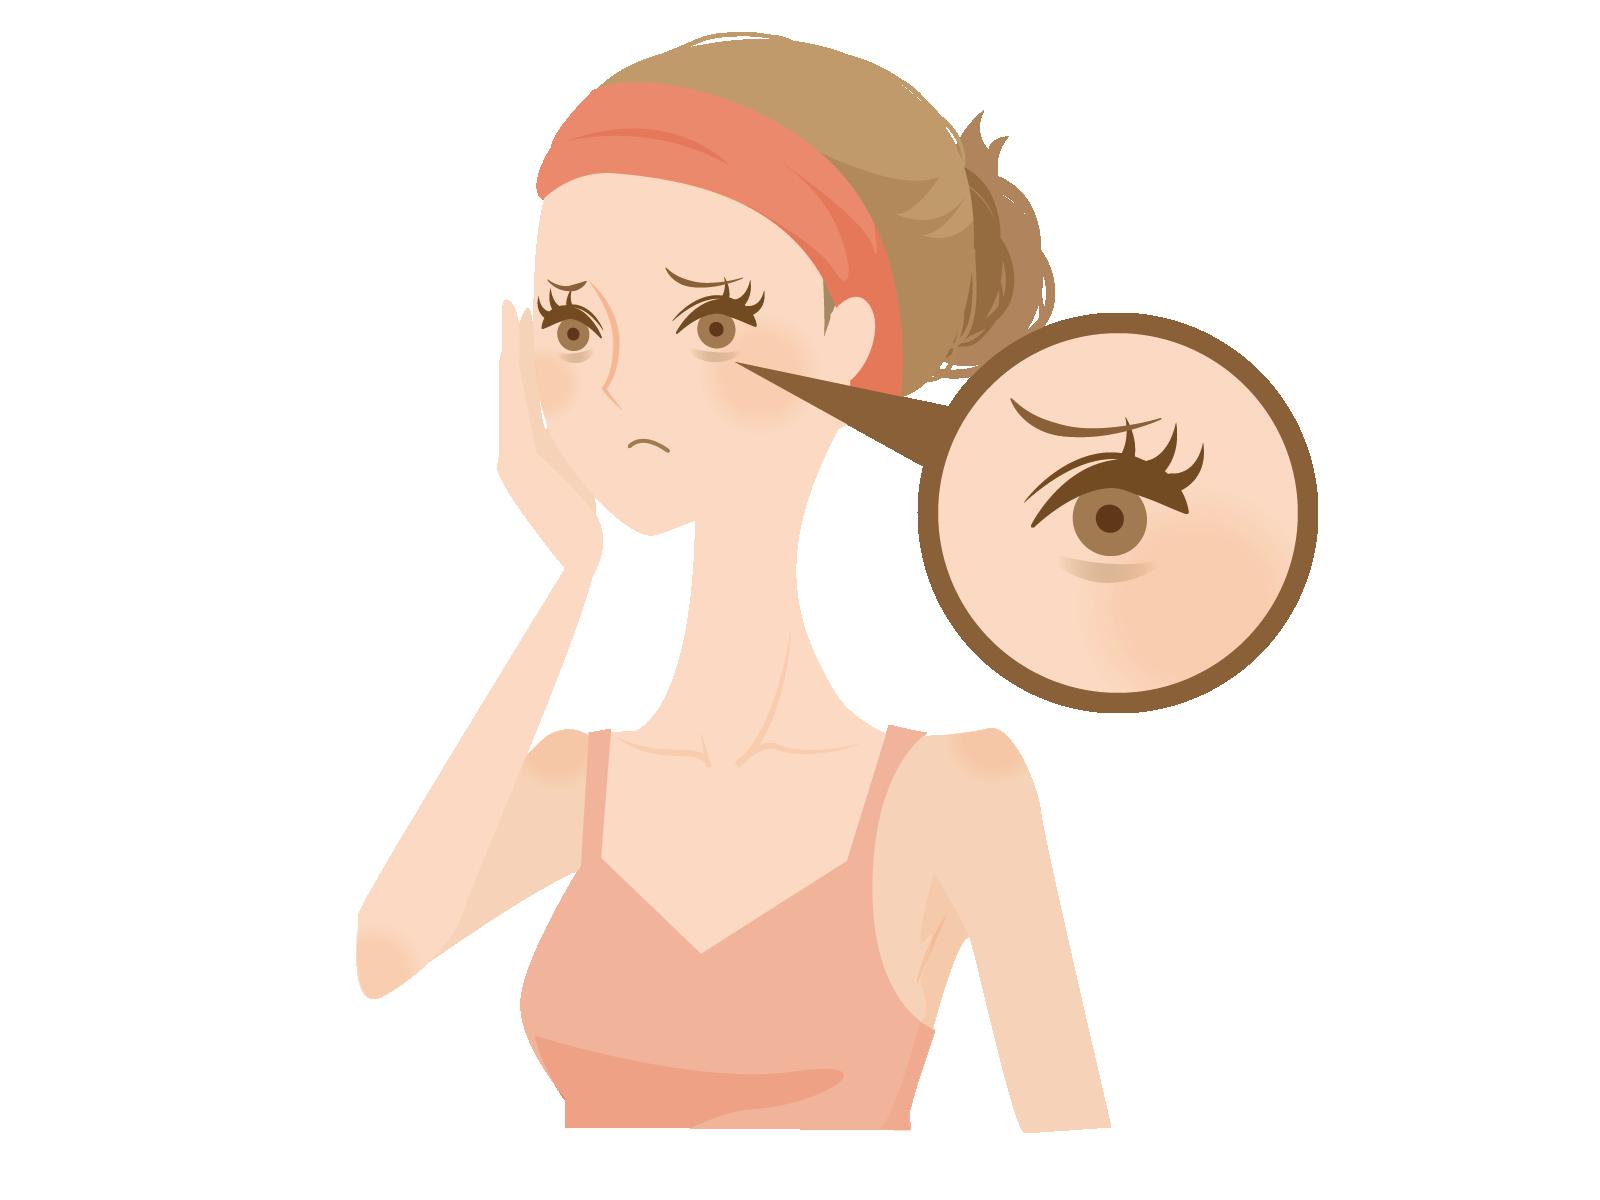 目元の疲れを解消する方法